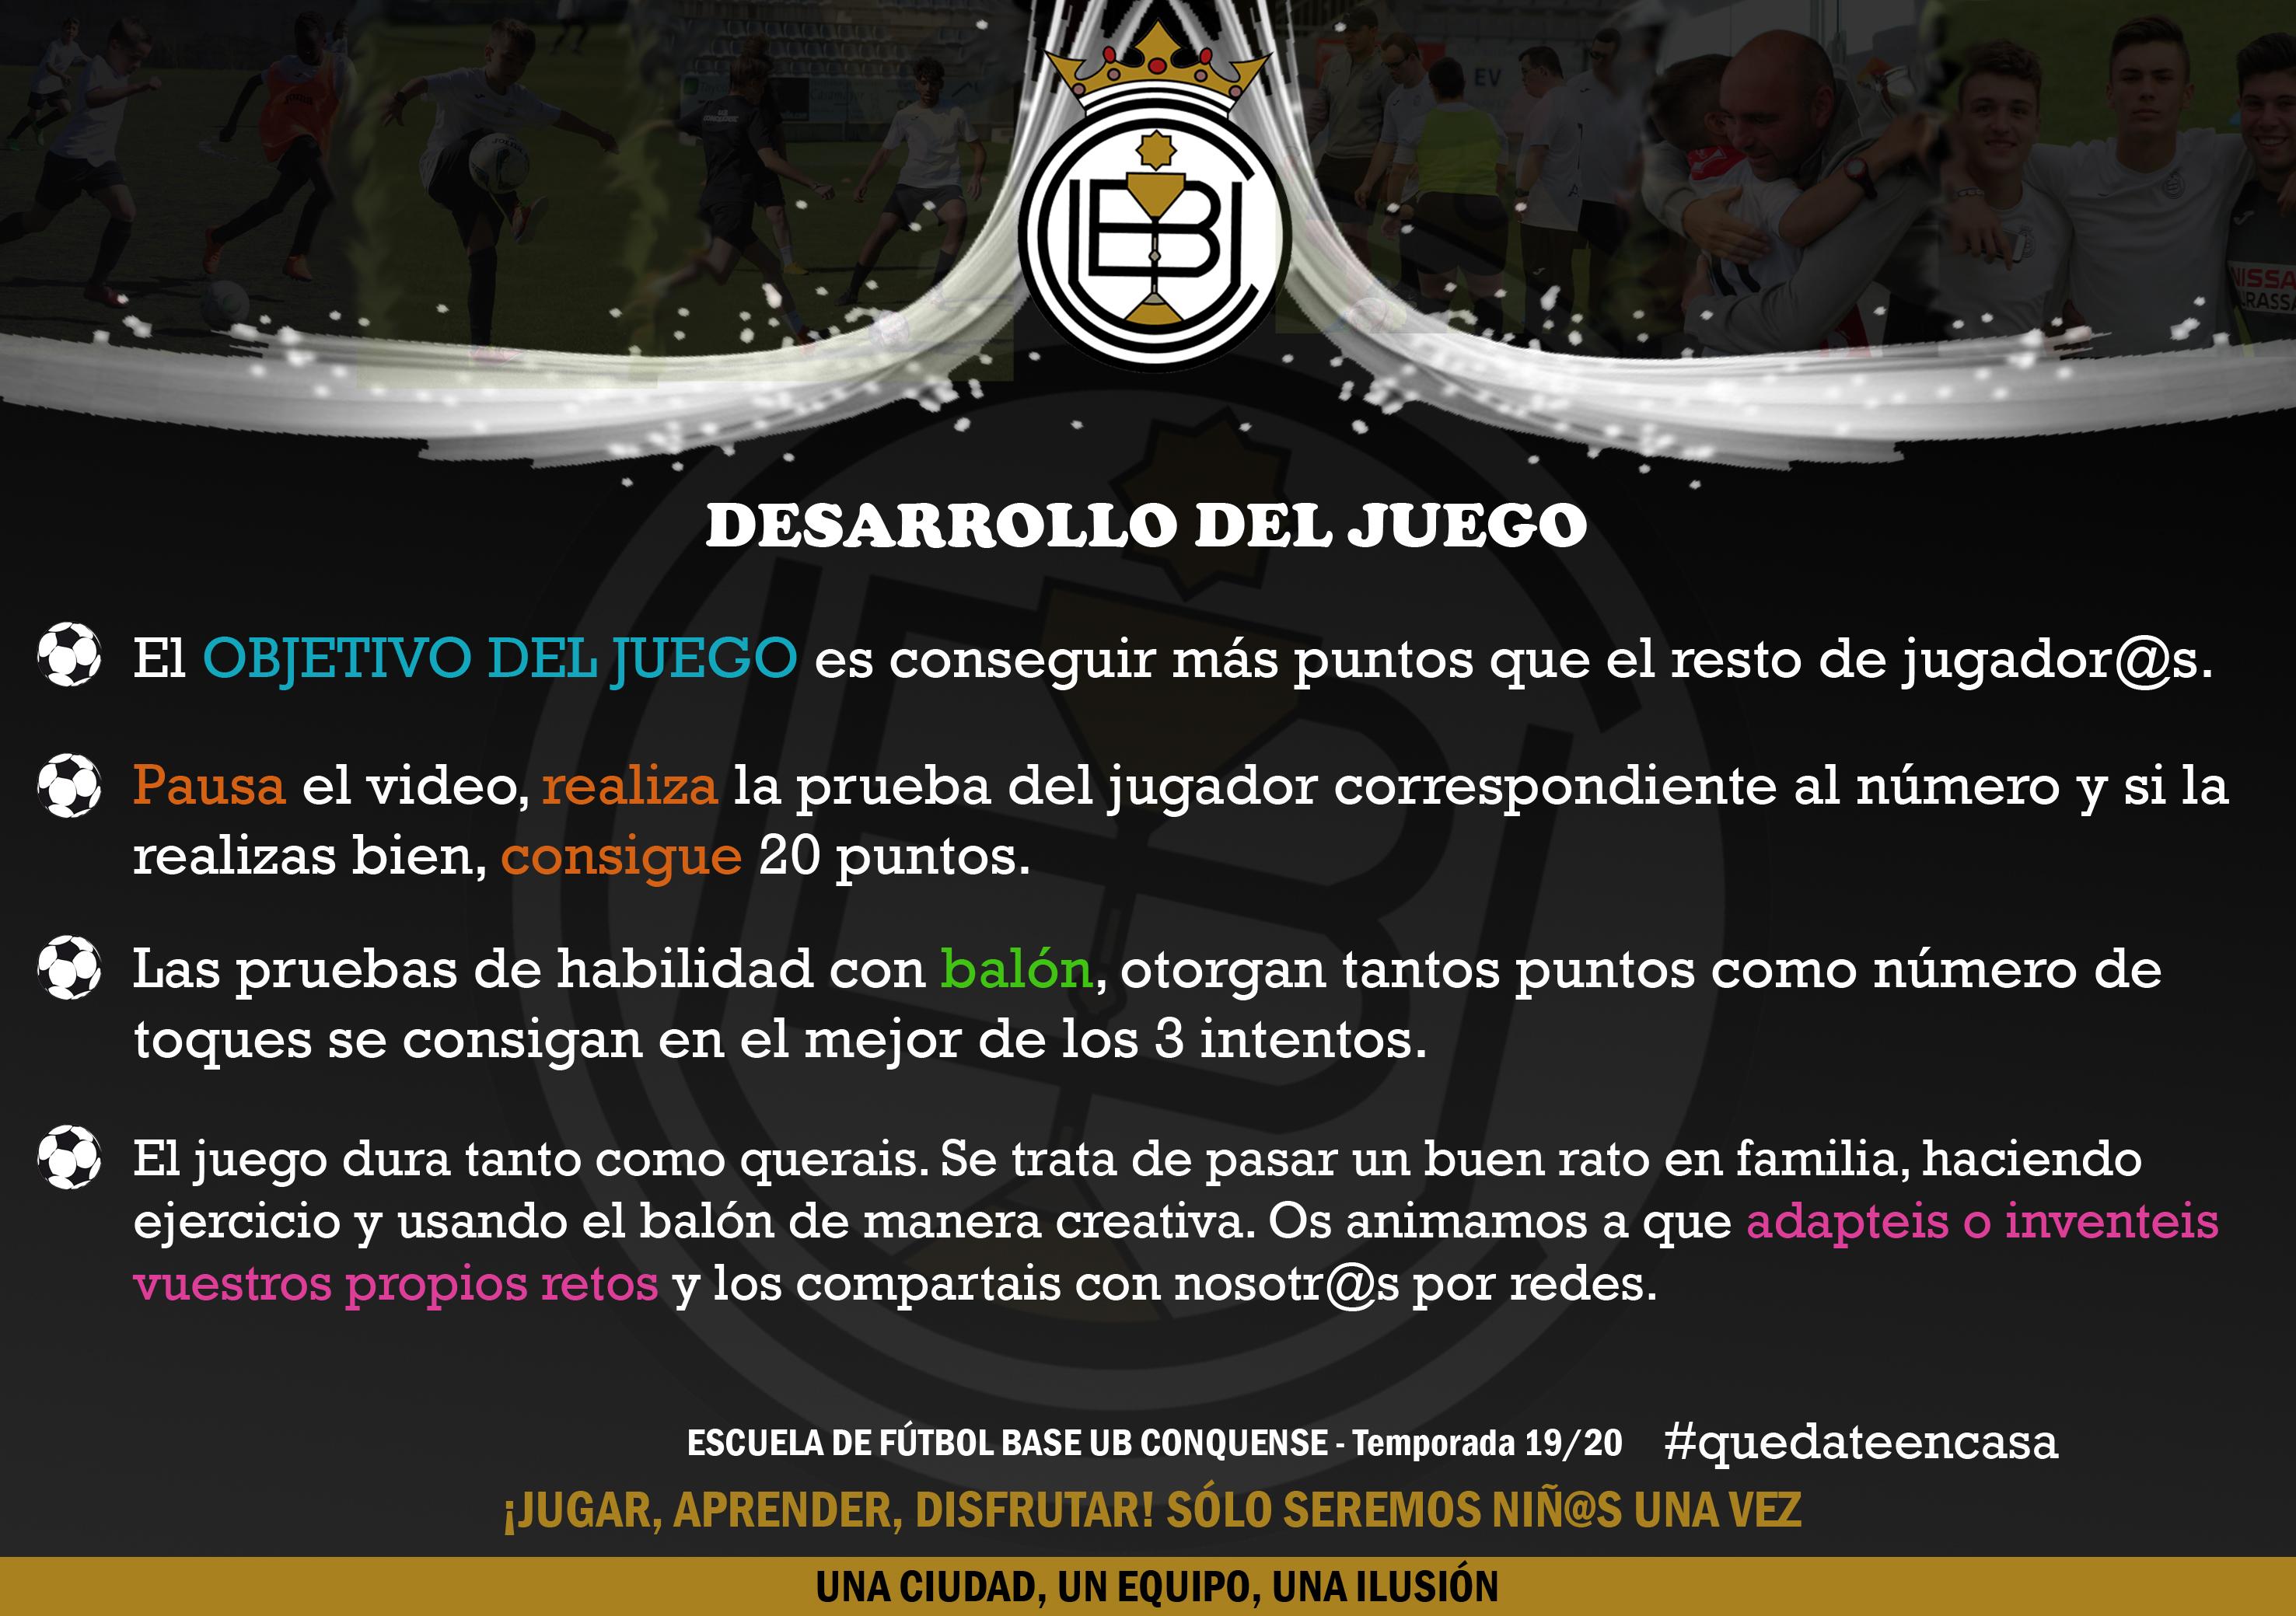 La Ruleta De Los Retos De La Escuela De Fútbol U B Conquense